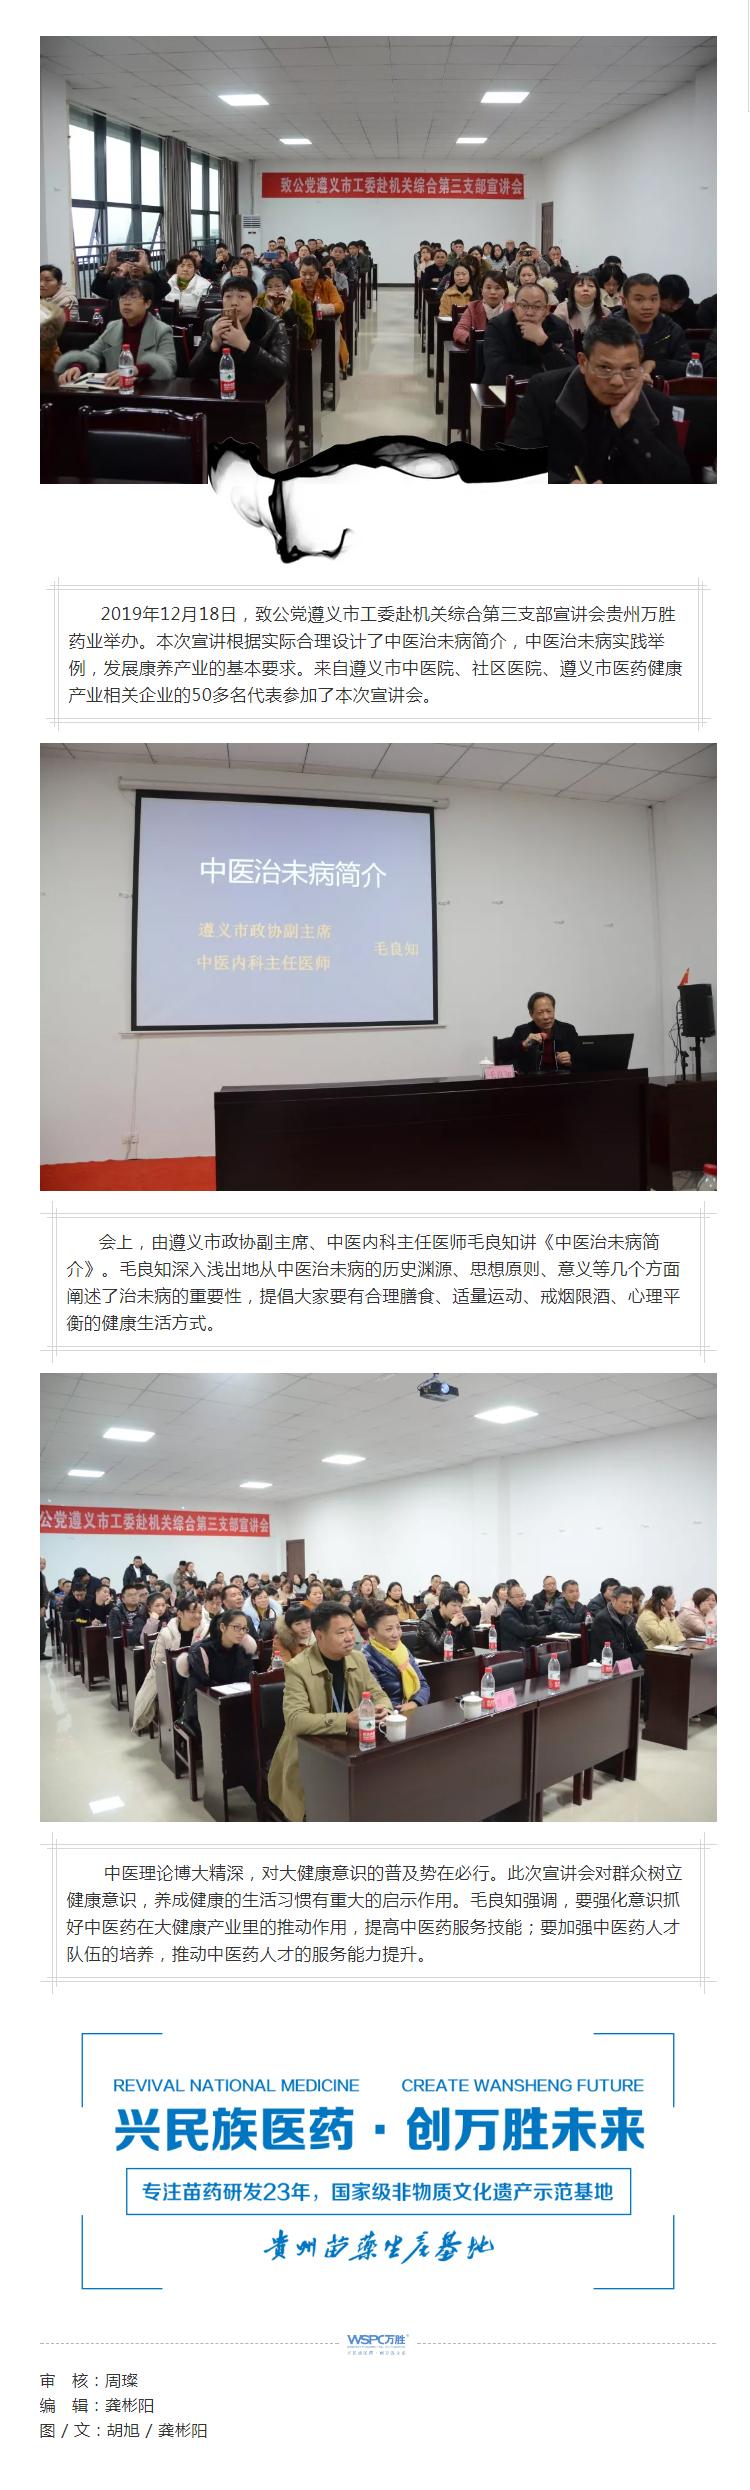 致公党遵义市工委赴机关综合第三支部宣讲会在w88首页club w88举办.jpg